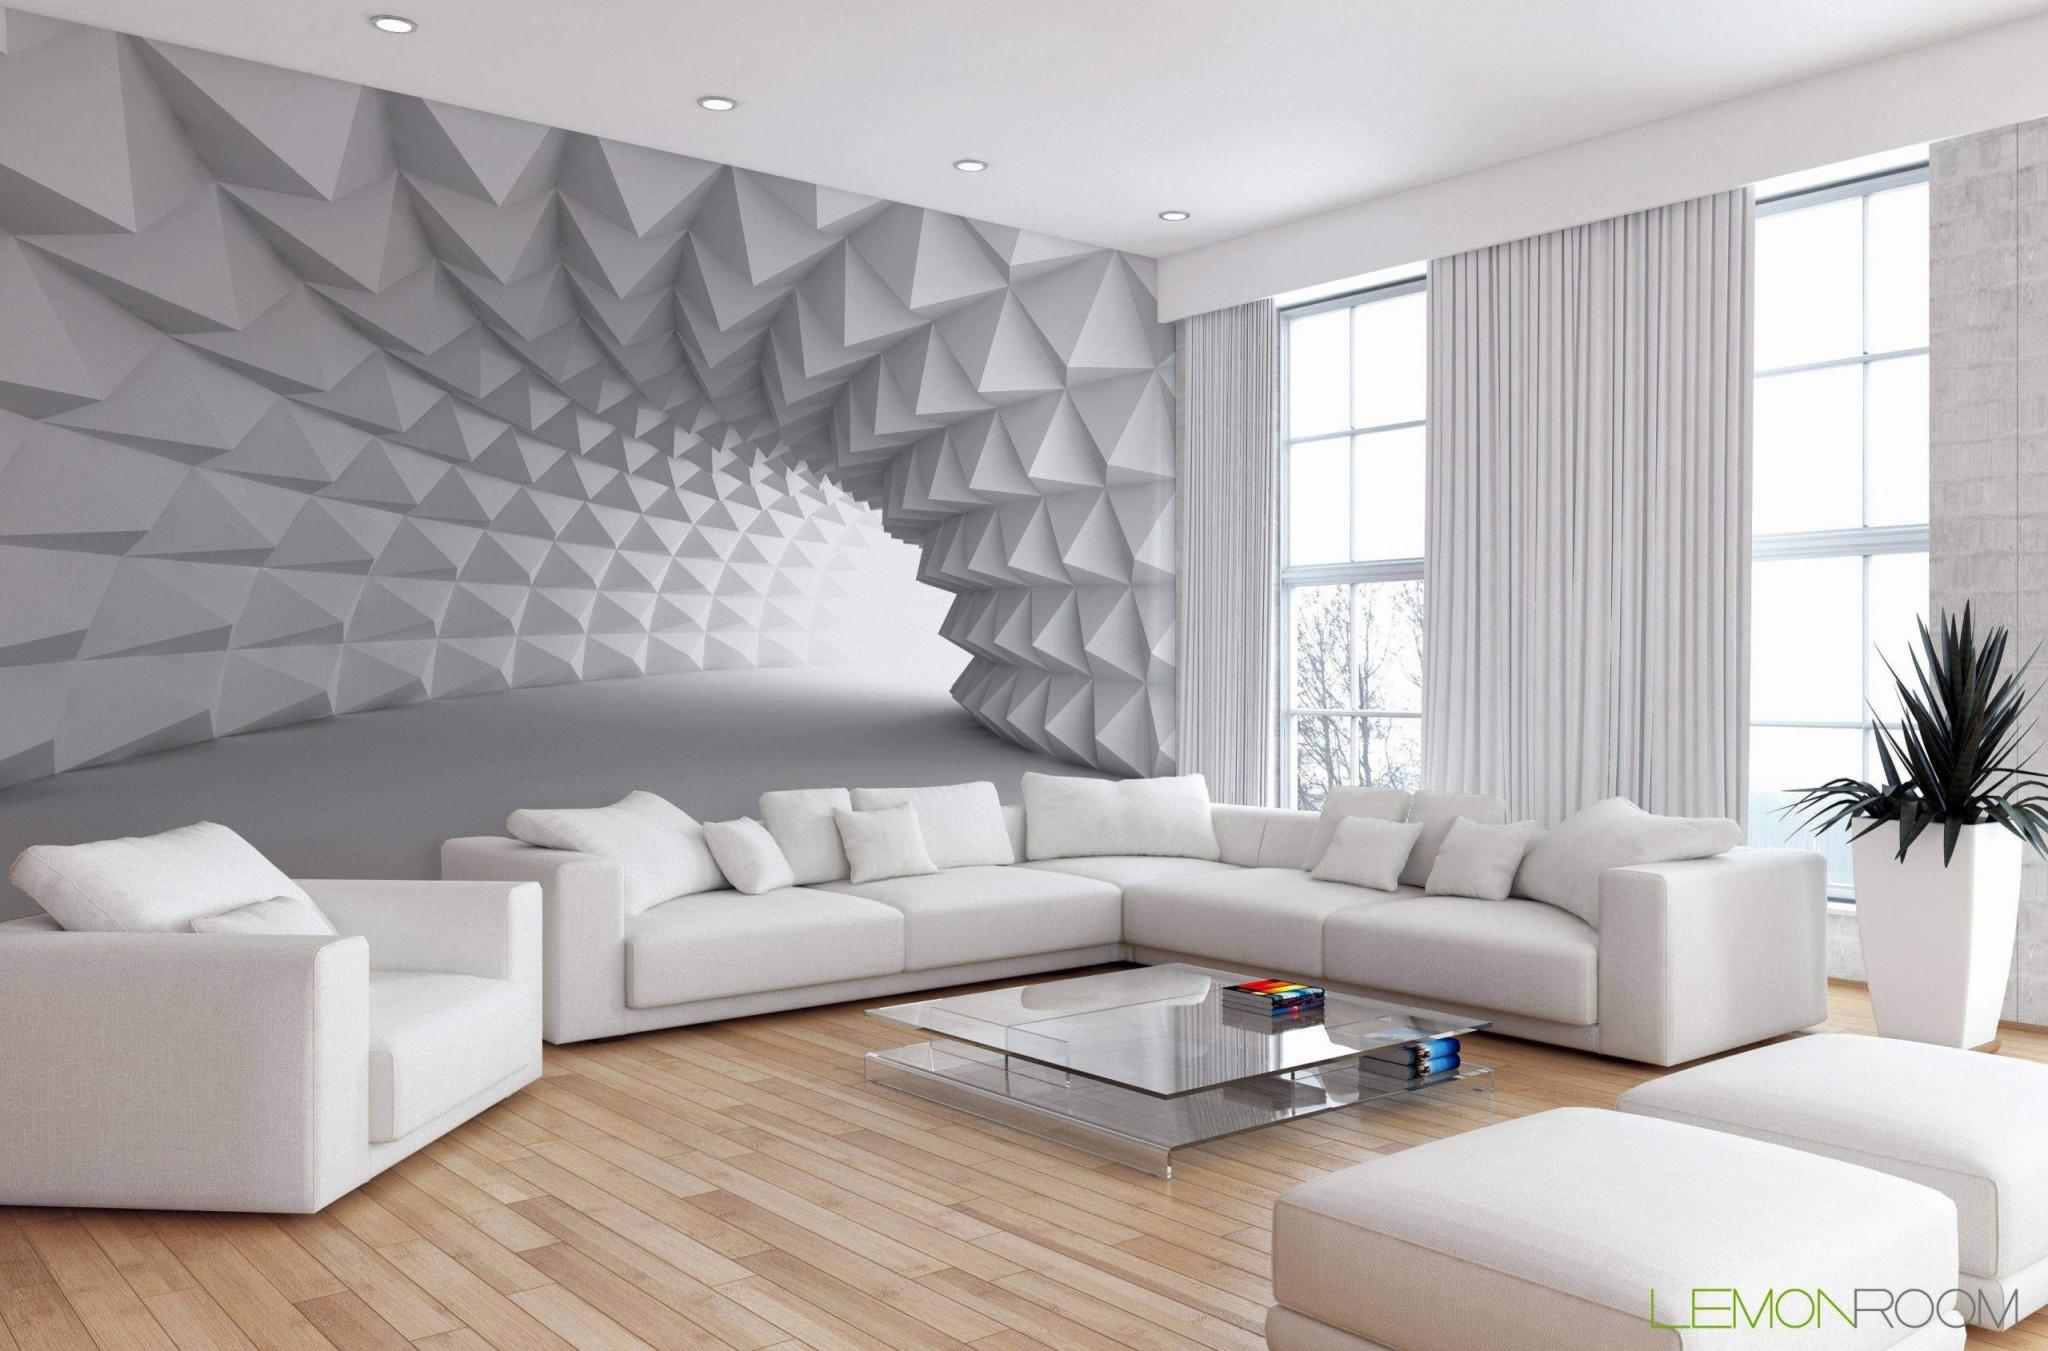 3D Tapete Wohnzimmer Einzigartig Wohnzimmer Design Tapeten von Design Tapeten Wohnzimmer Bild